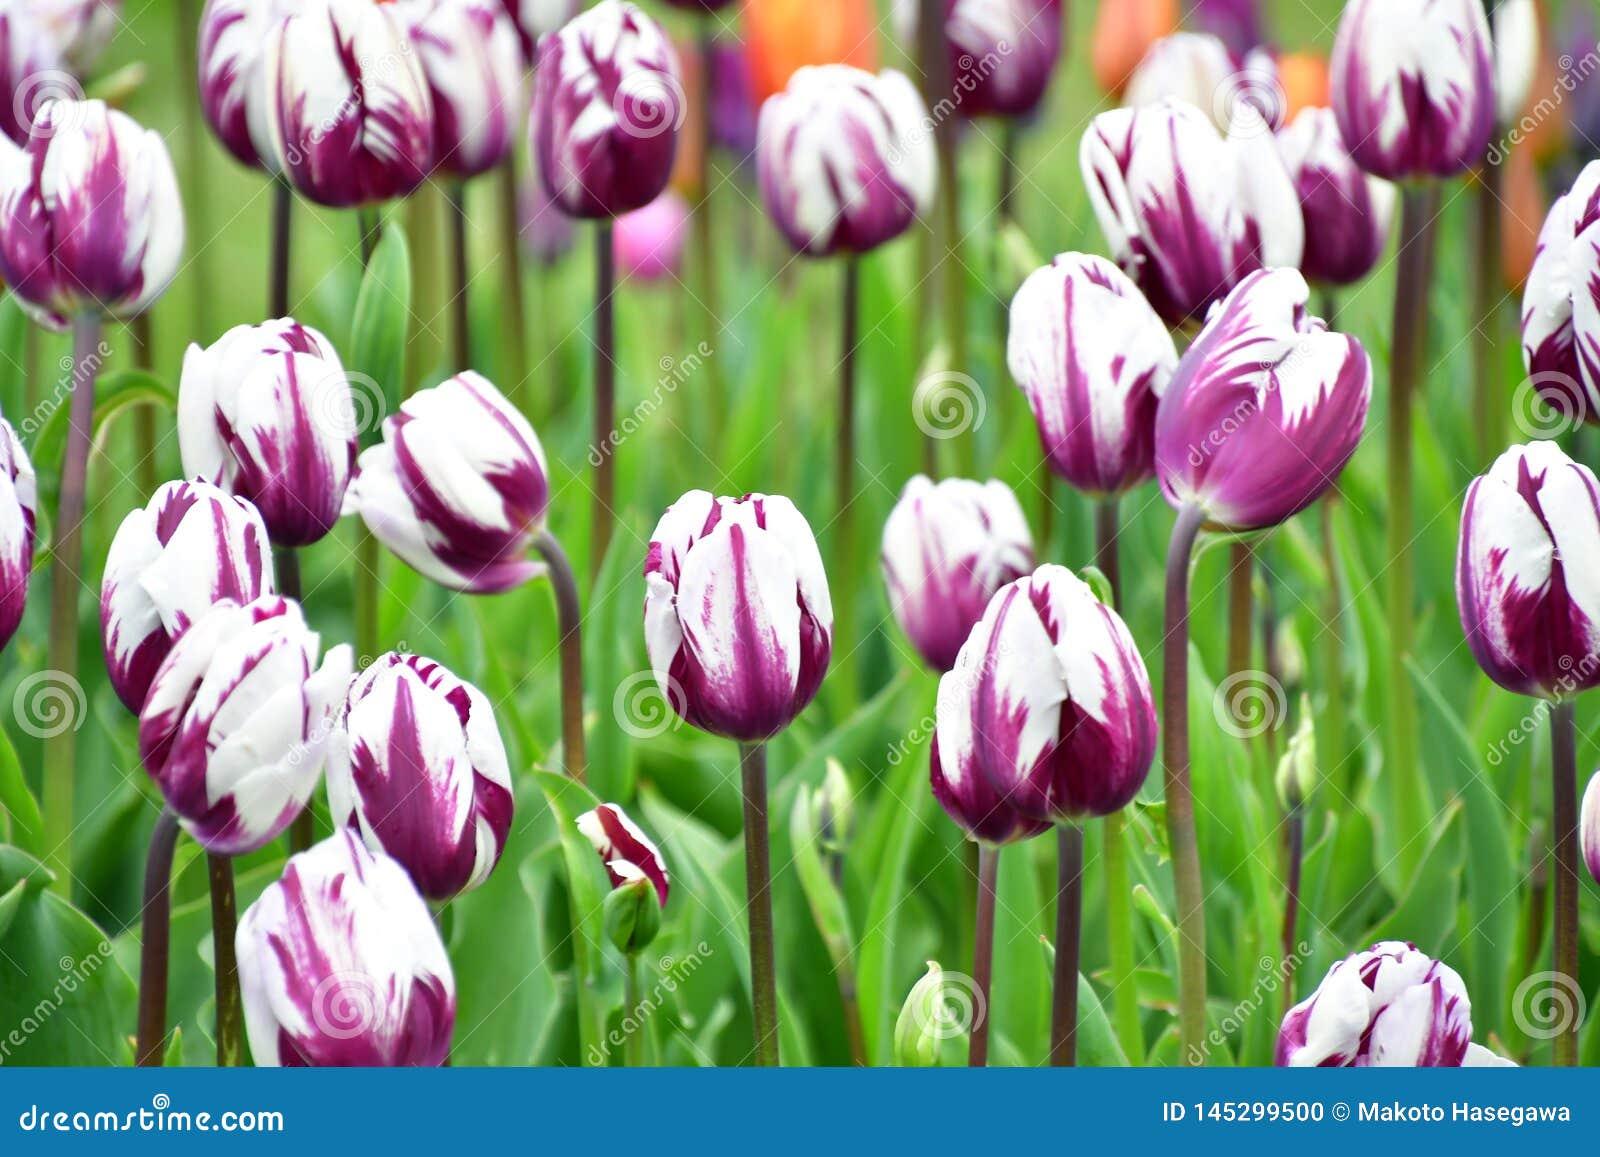 Zurel ist eine Art Triumph-Tulpe